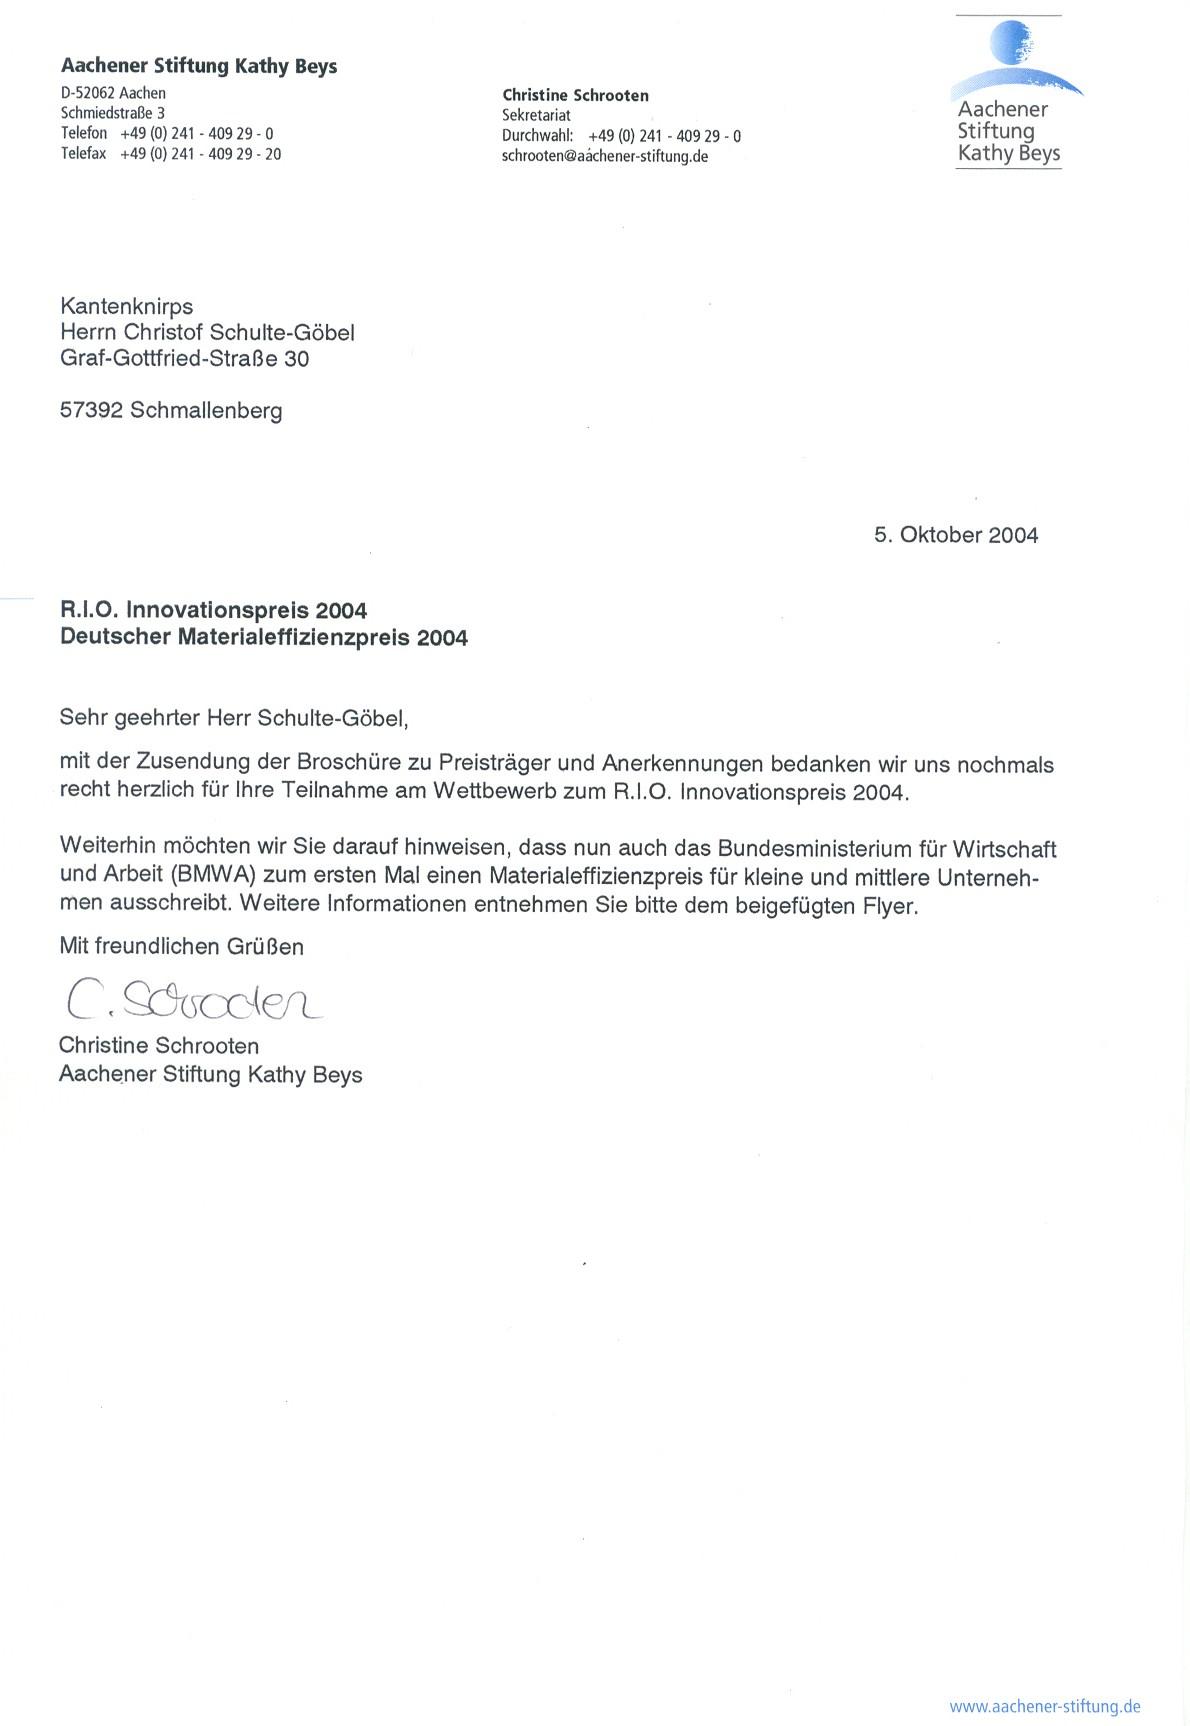 20041005_Teilnahme_R.I.O Innovavitionspreis